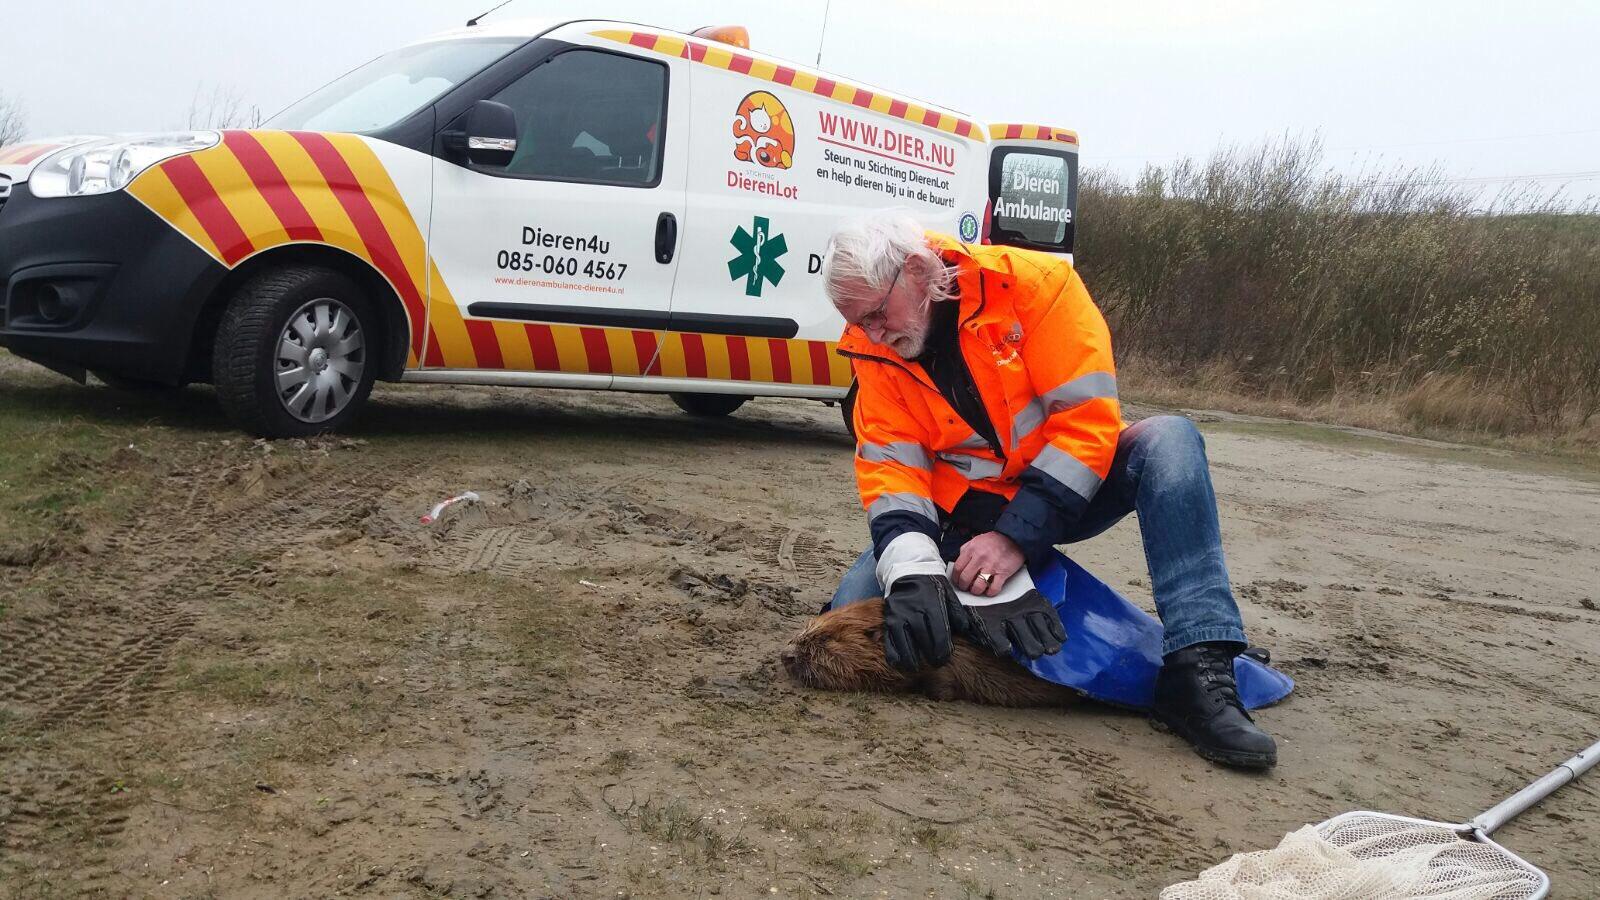 Vrijwilligers Dieren4u redden Bever in Oostvoornse Meer